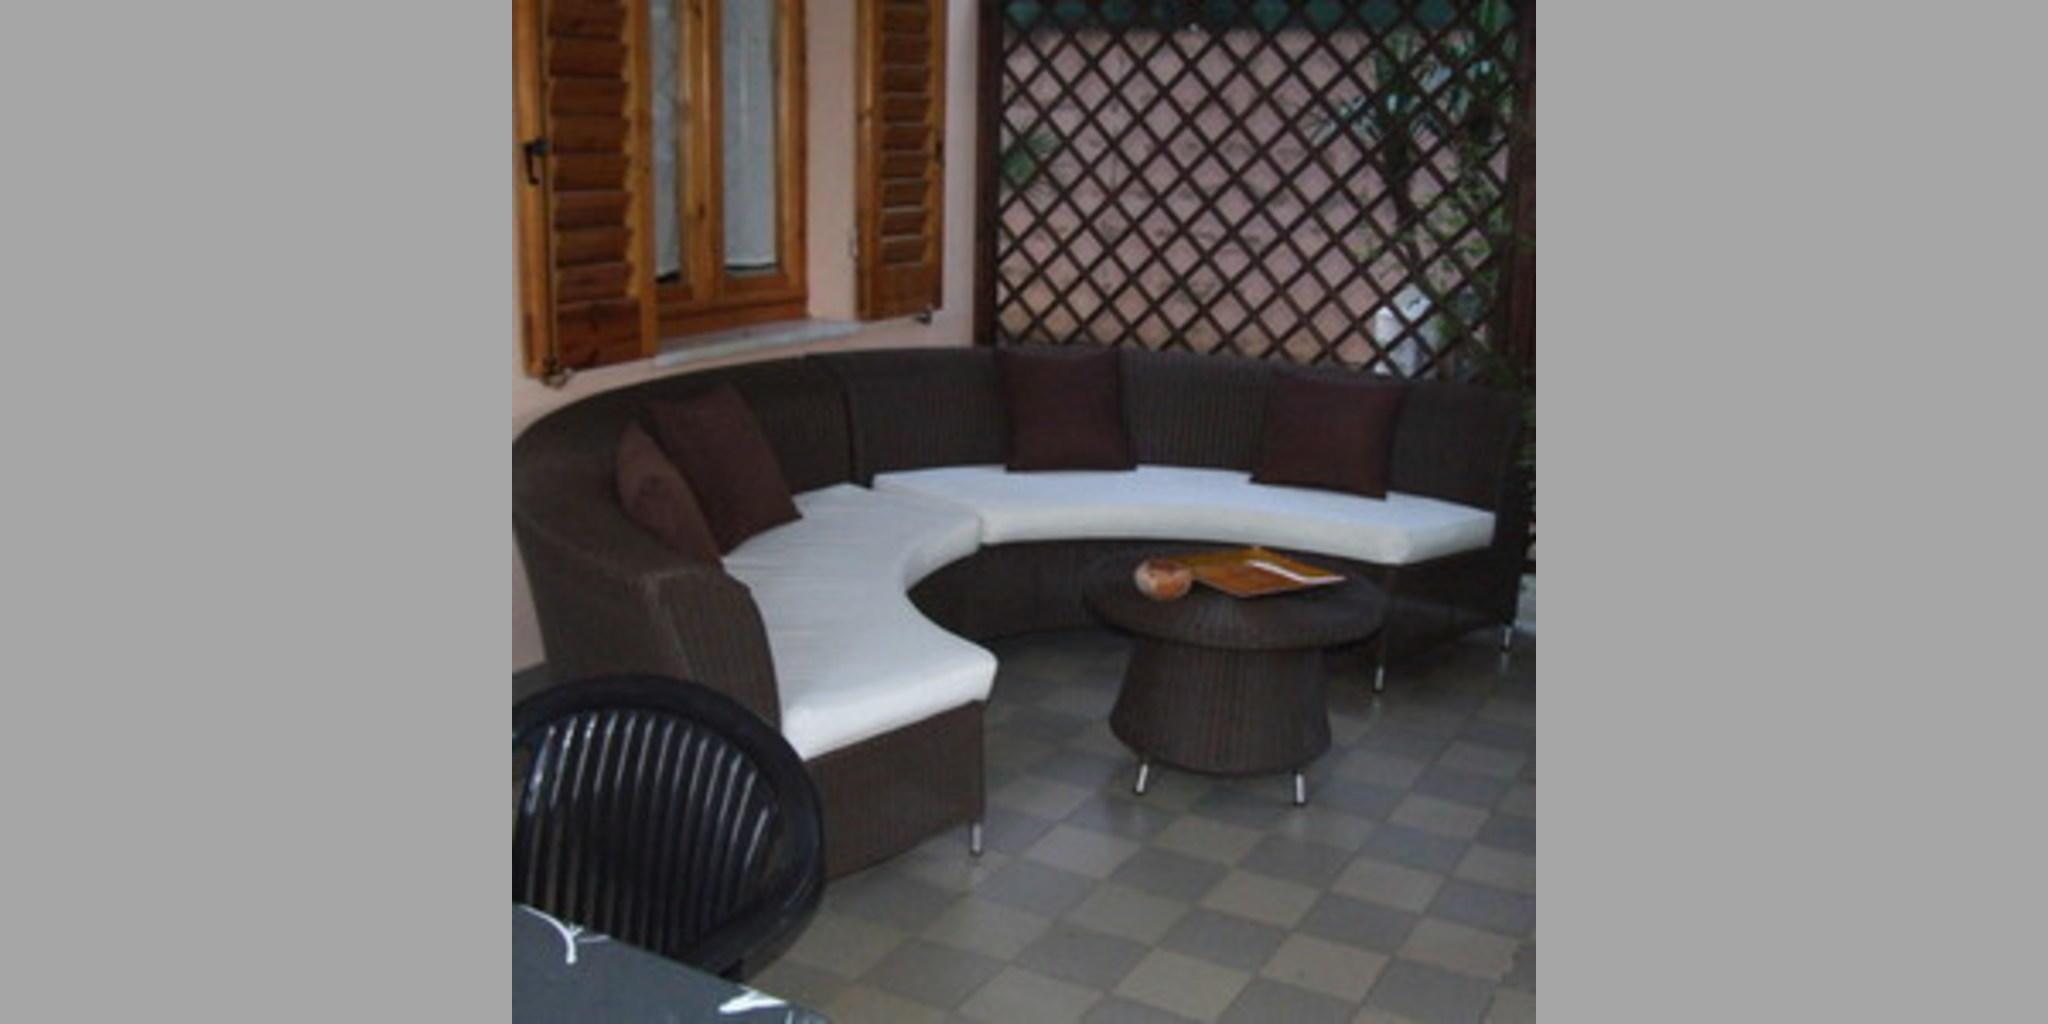 Bed & Breakfast Baunei - Santa Maria Navarrese